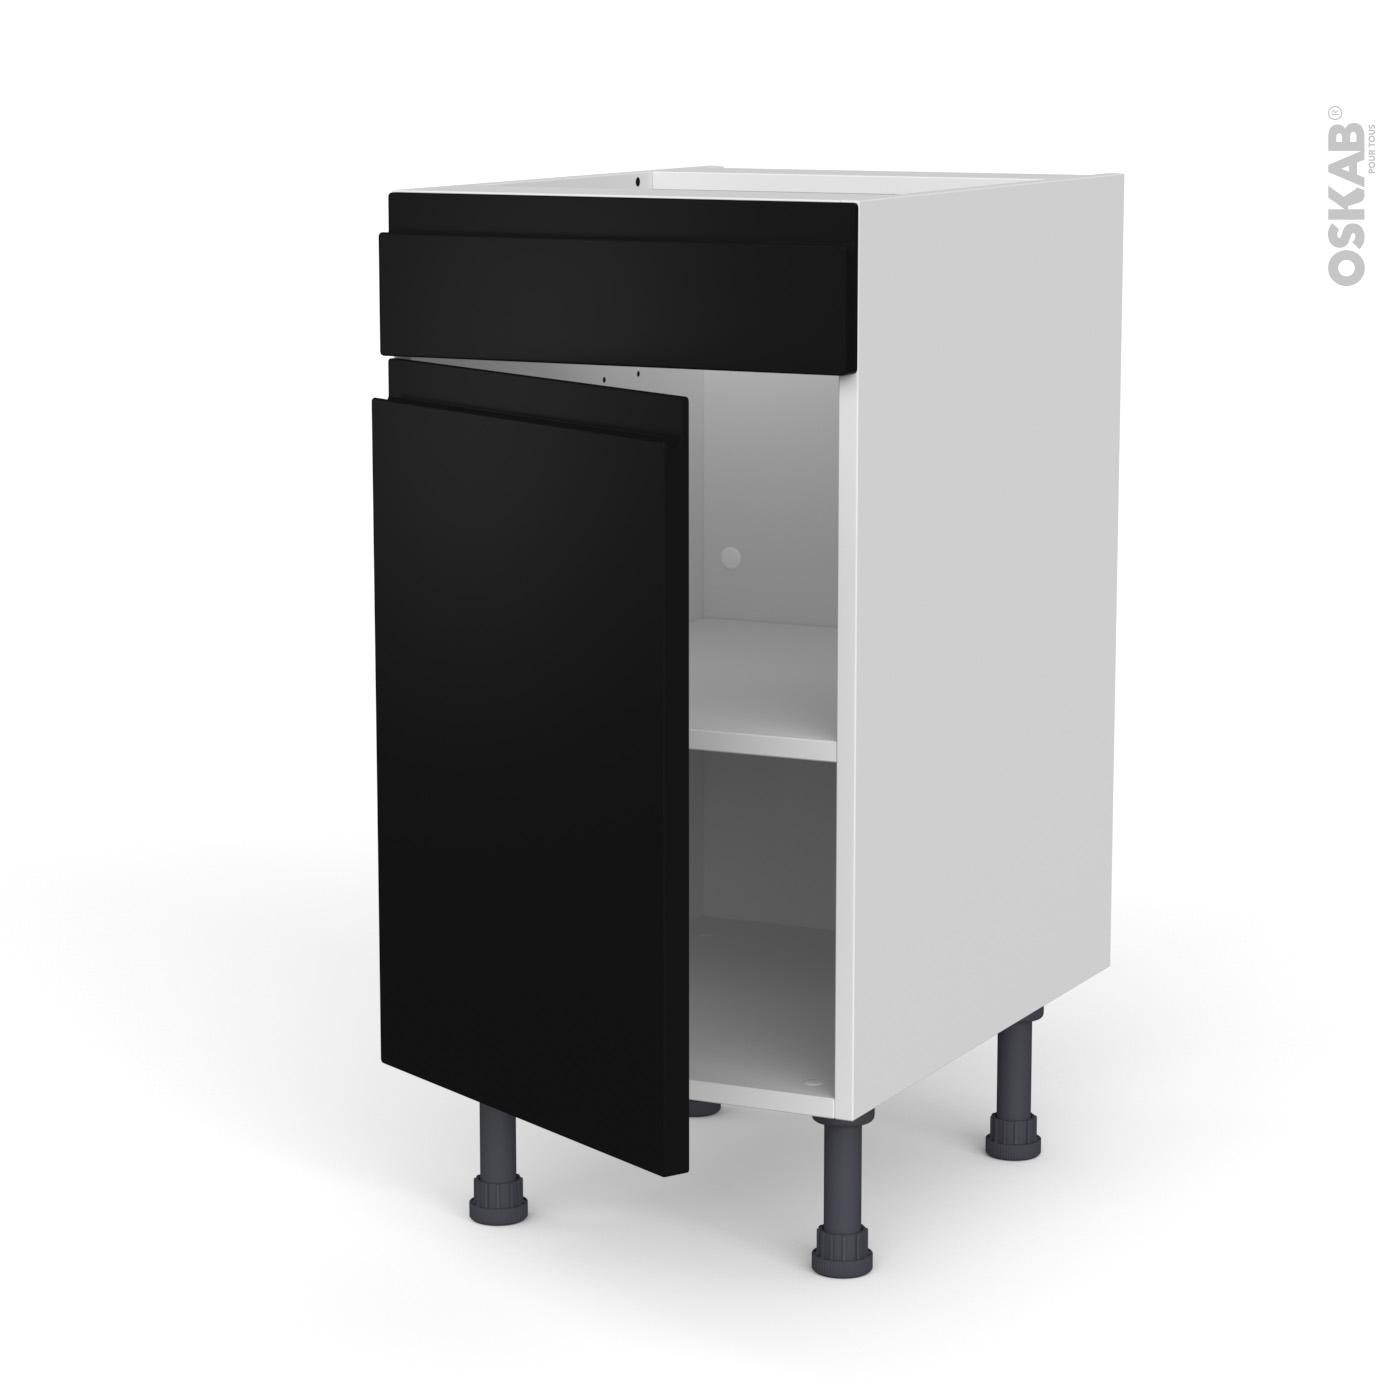 meuble de cuisine bas faux tiroir haut ipoma noir mat 1 porte l40 x h70 x p58 cm